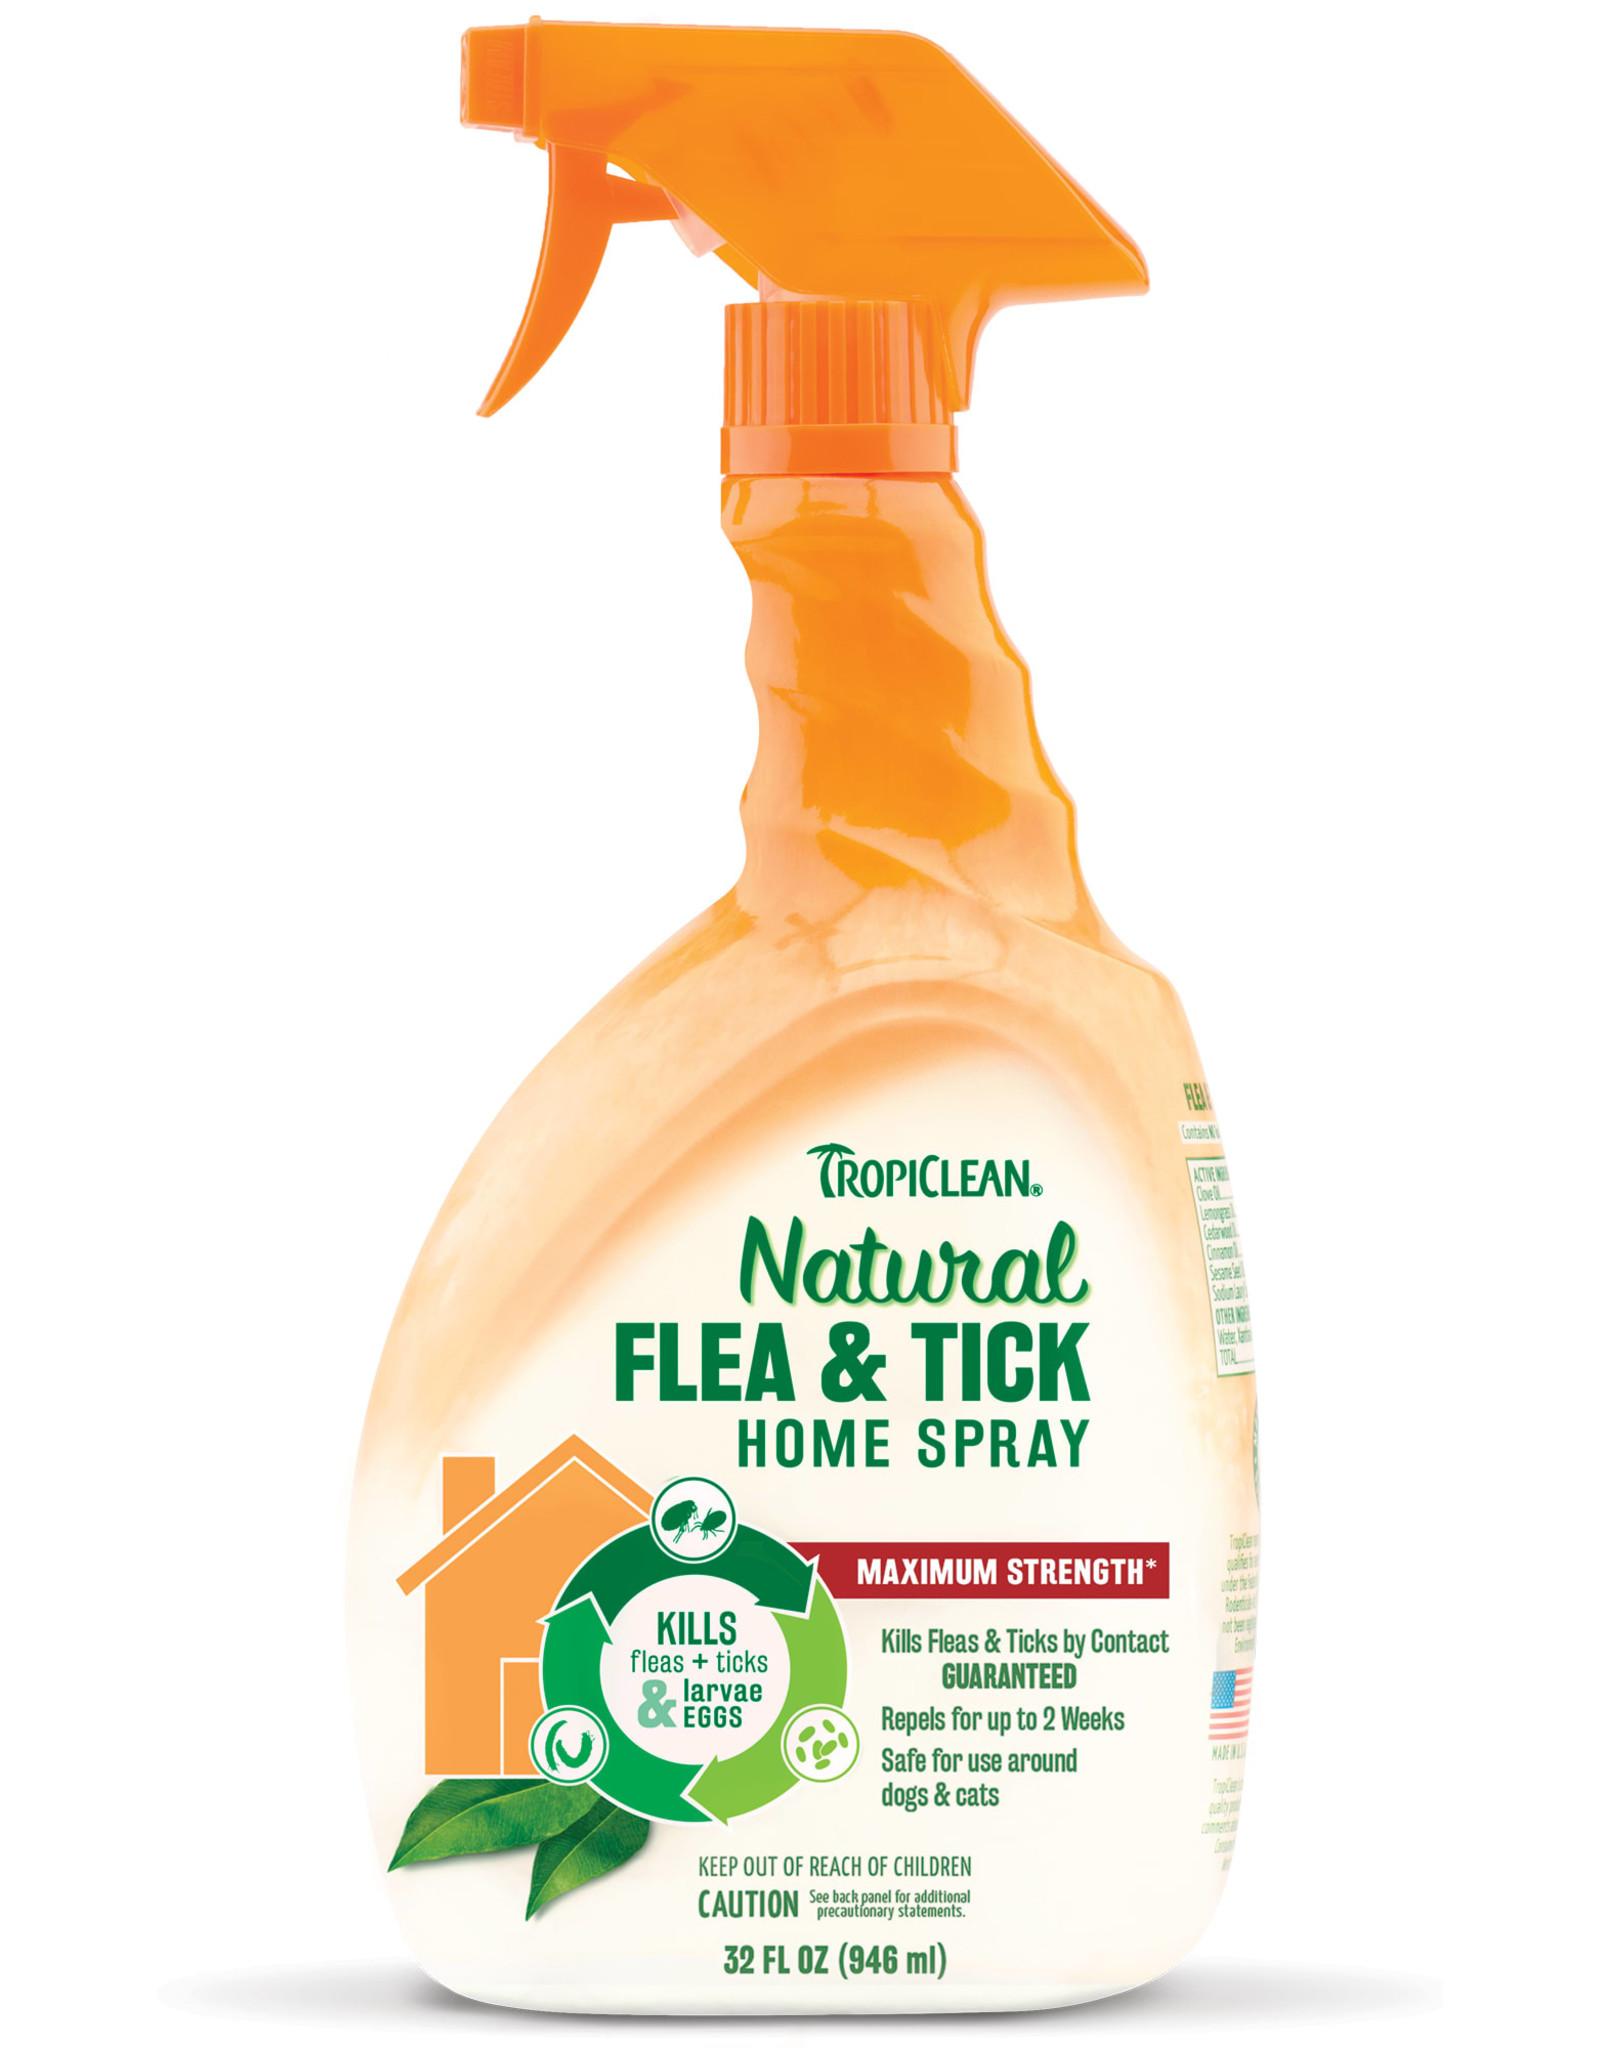 TropiClean Natural Flea & Tick Home Spray 32 fl oz